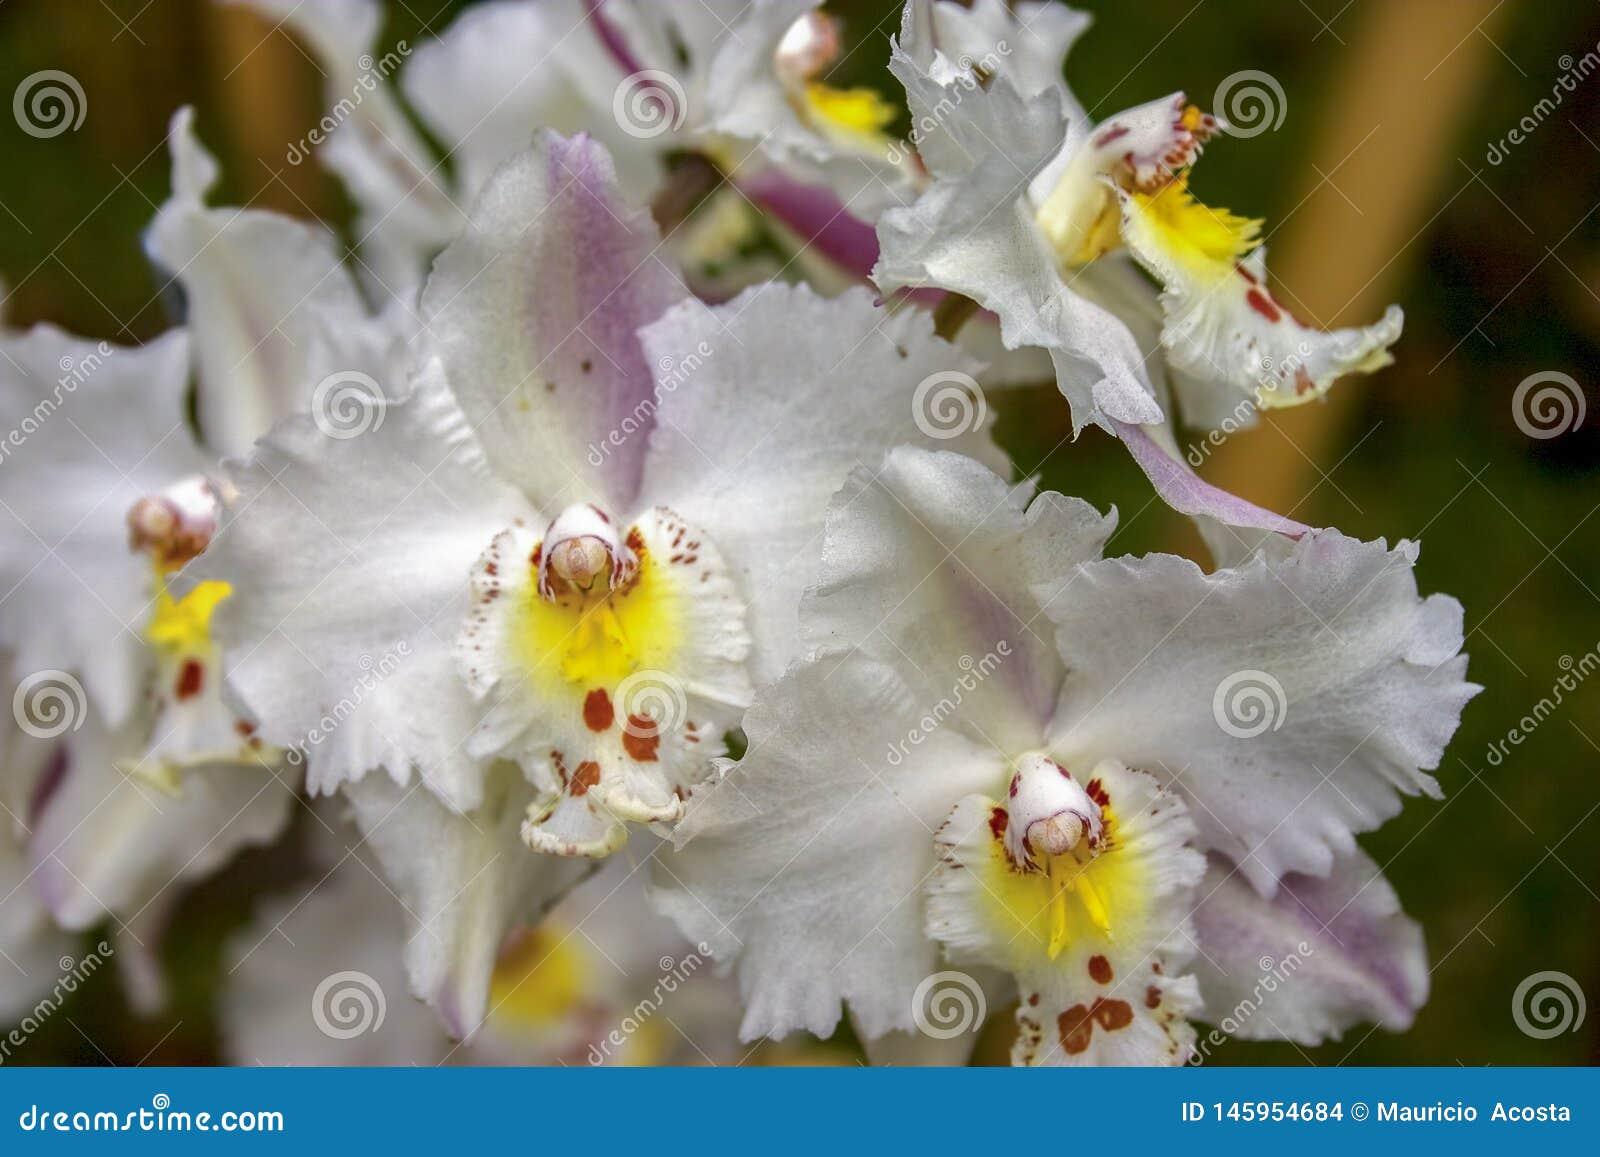 Flores blancas, amarillas y rojas de la orquídea del odontoglossum